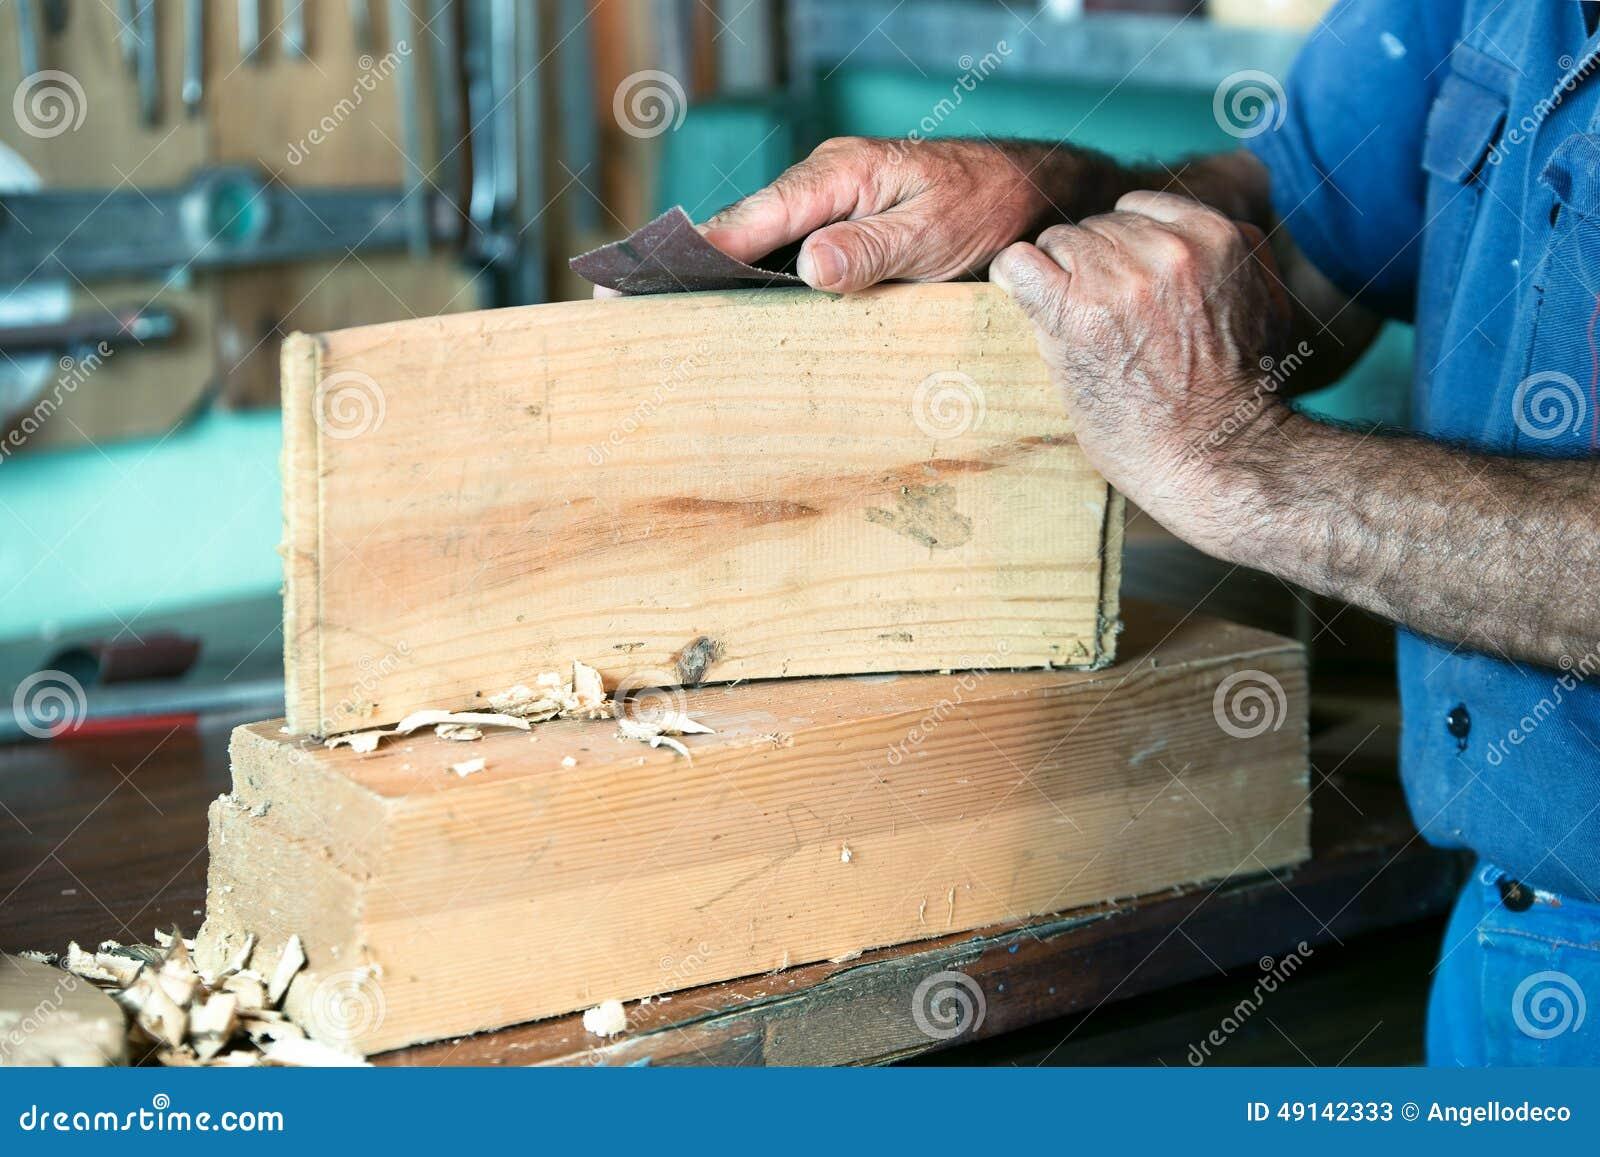 Επιπλοποιός που εργάζεται με το γυαλόχαρτο στον πάγκο στο γκαράζ στο ho